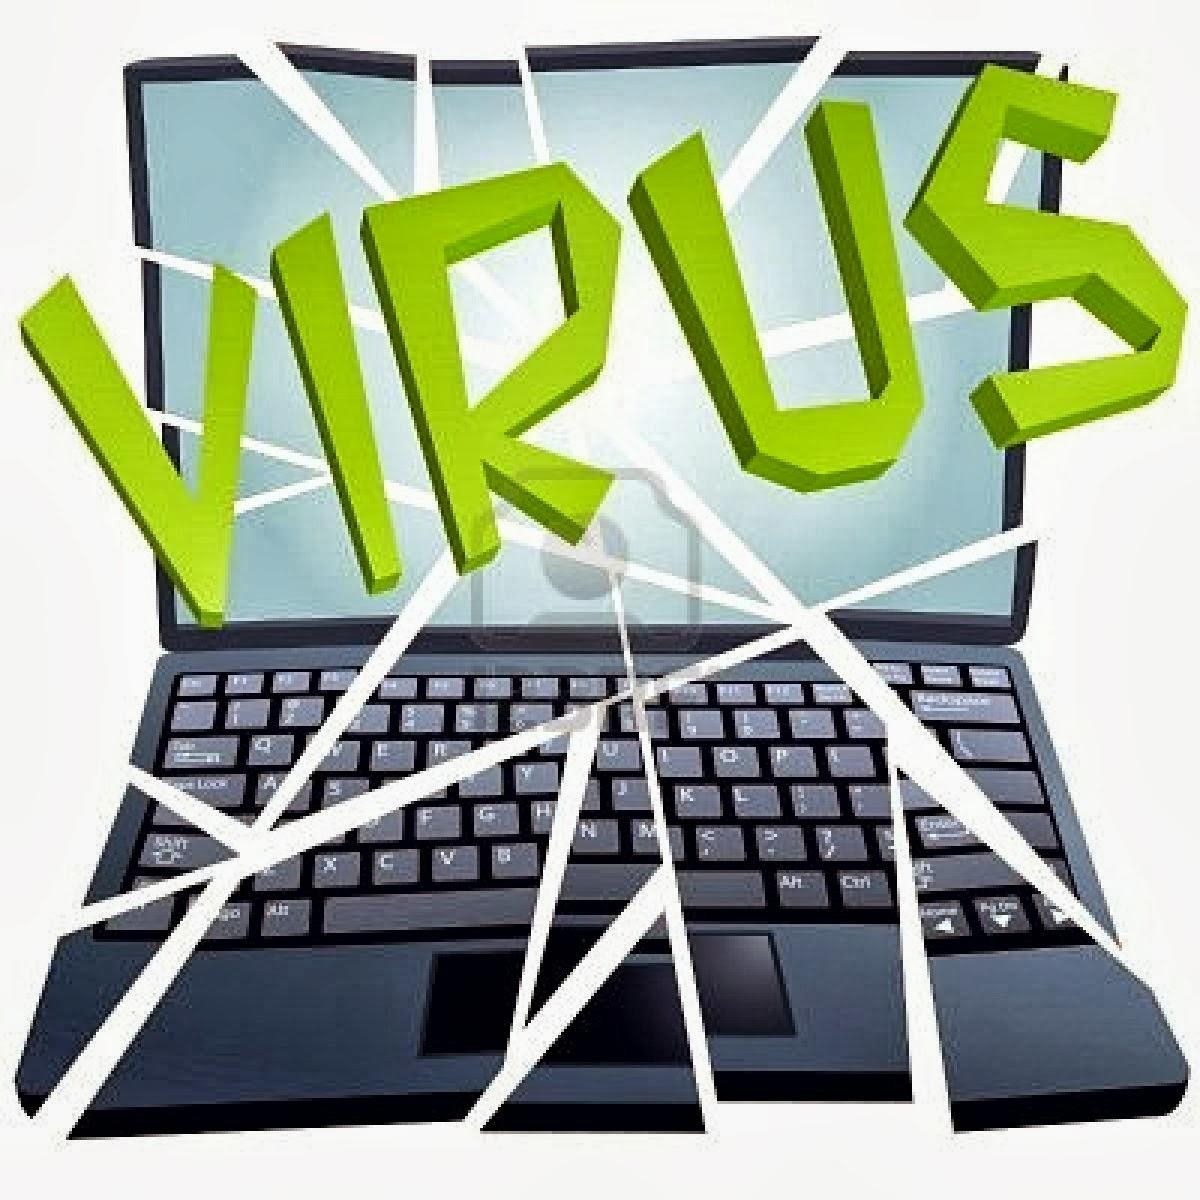 CREATE TOP 5 DANGEROUS VIRUSES USING NOTEPAD